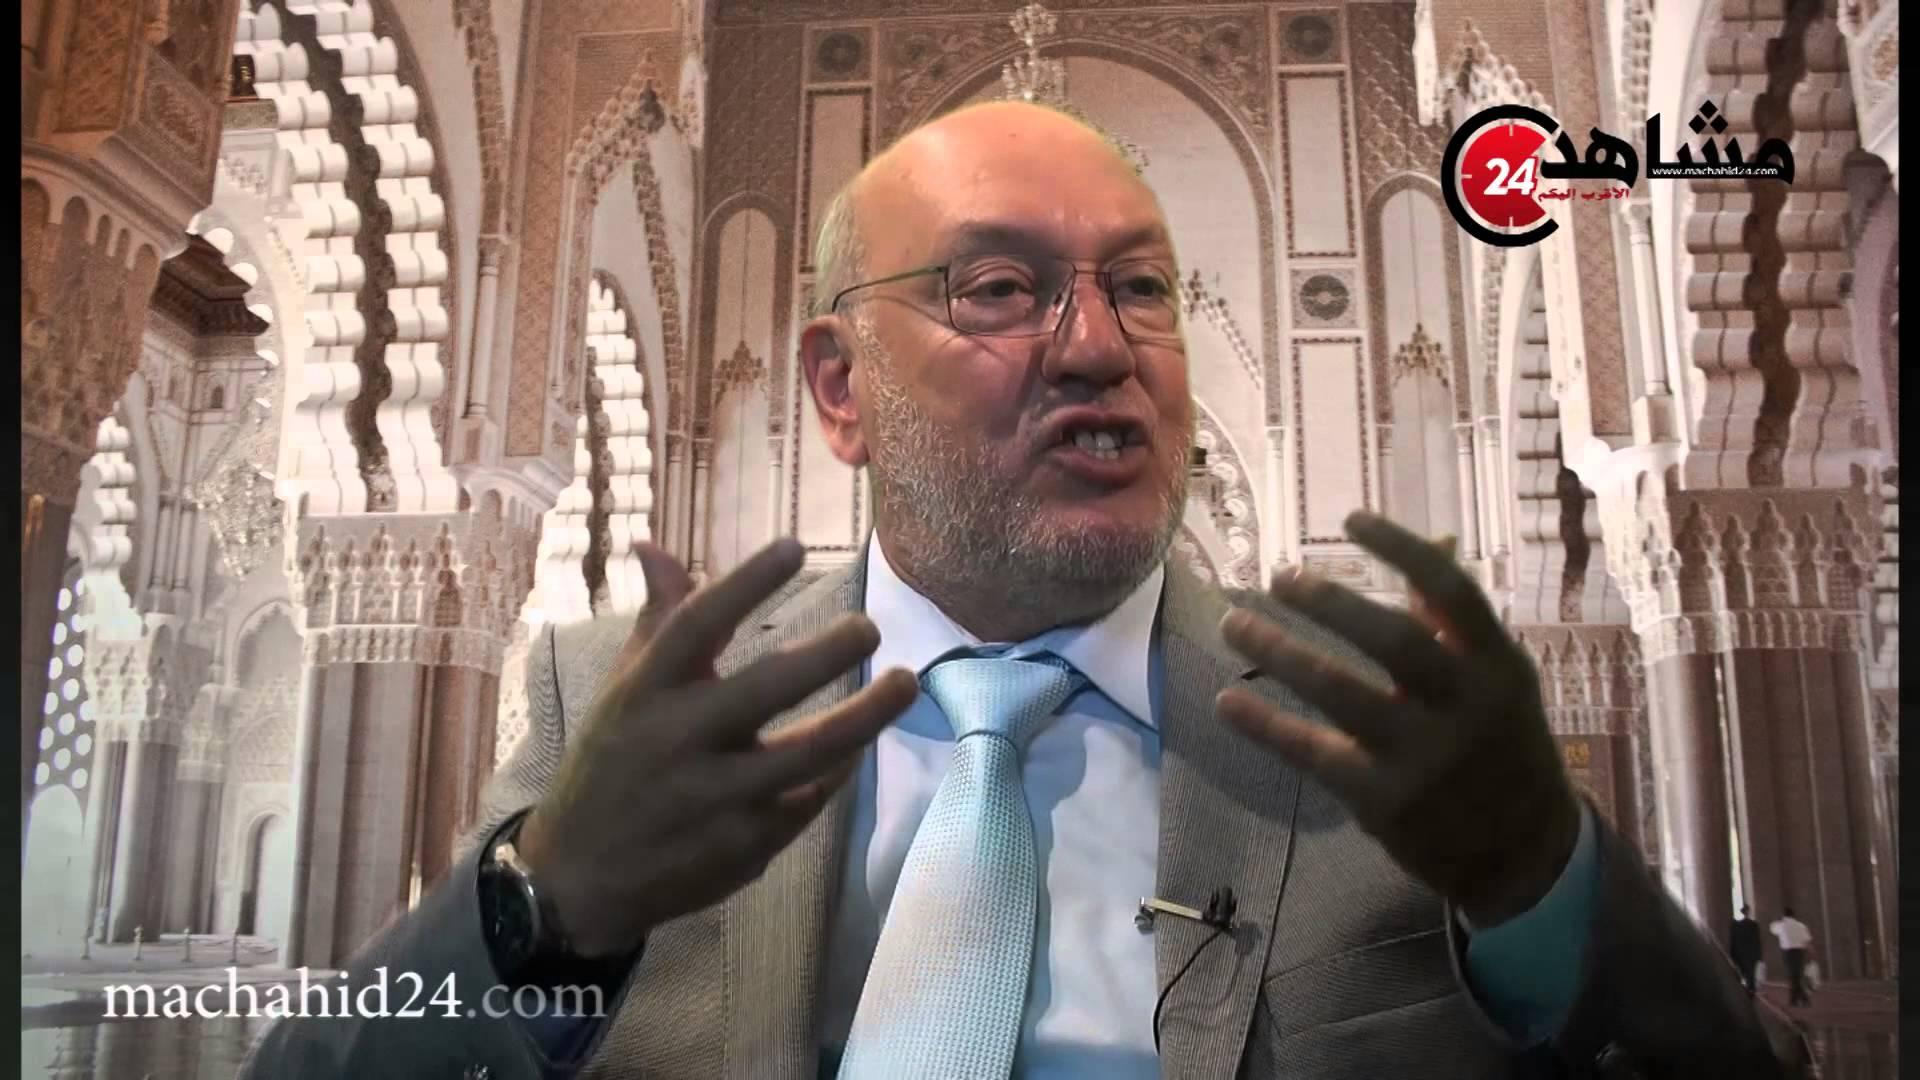 مسار عبد الواحد الشمامي مايسترو الجيش الملكي